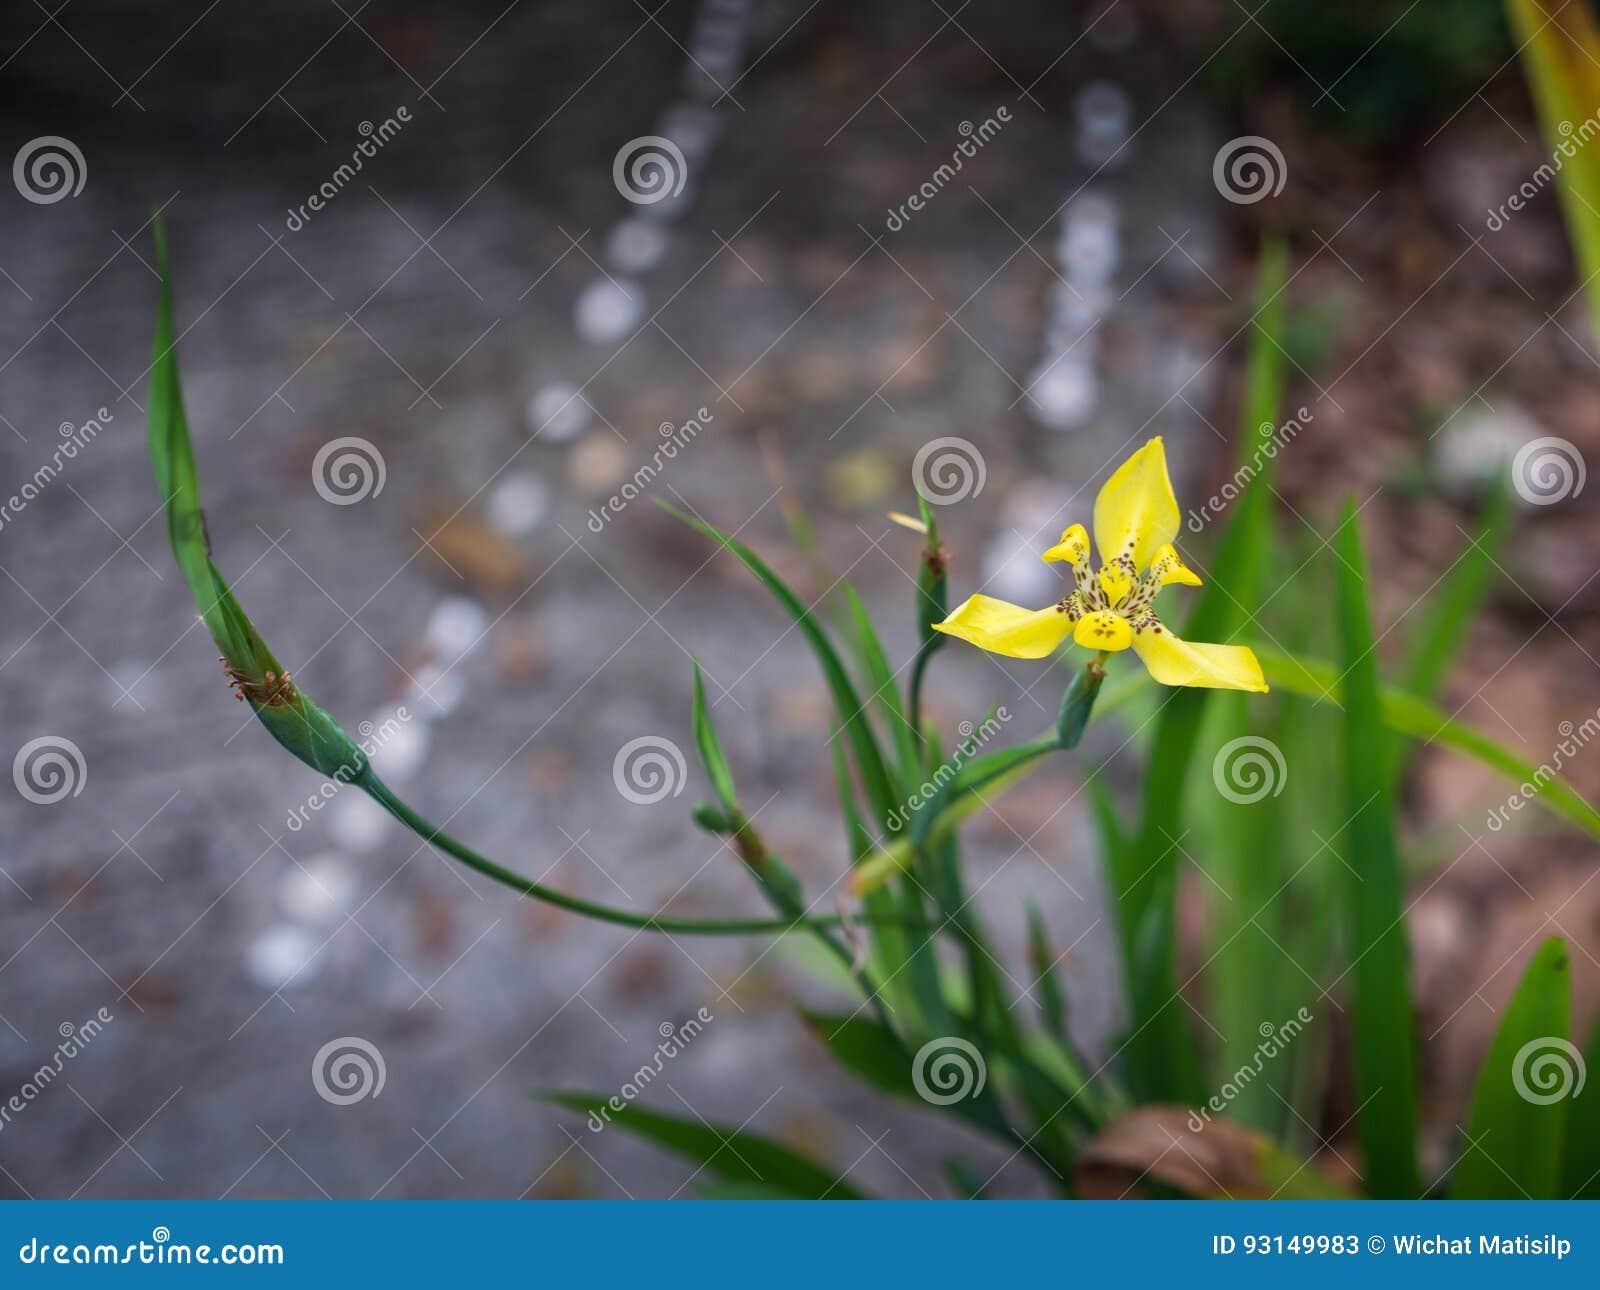 Yellow walking iris flower stock image image of closeup 93149983 download yellow walking iris flower stock image image of closeup 93149983 izmirmasajfo